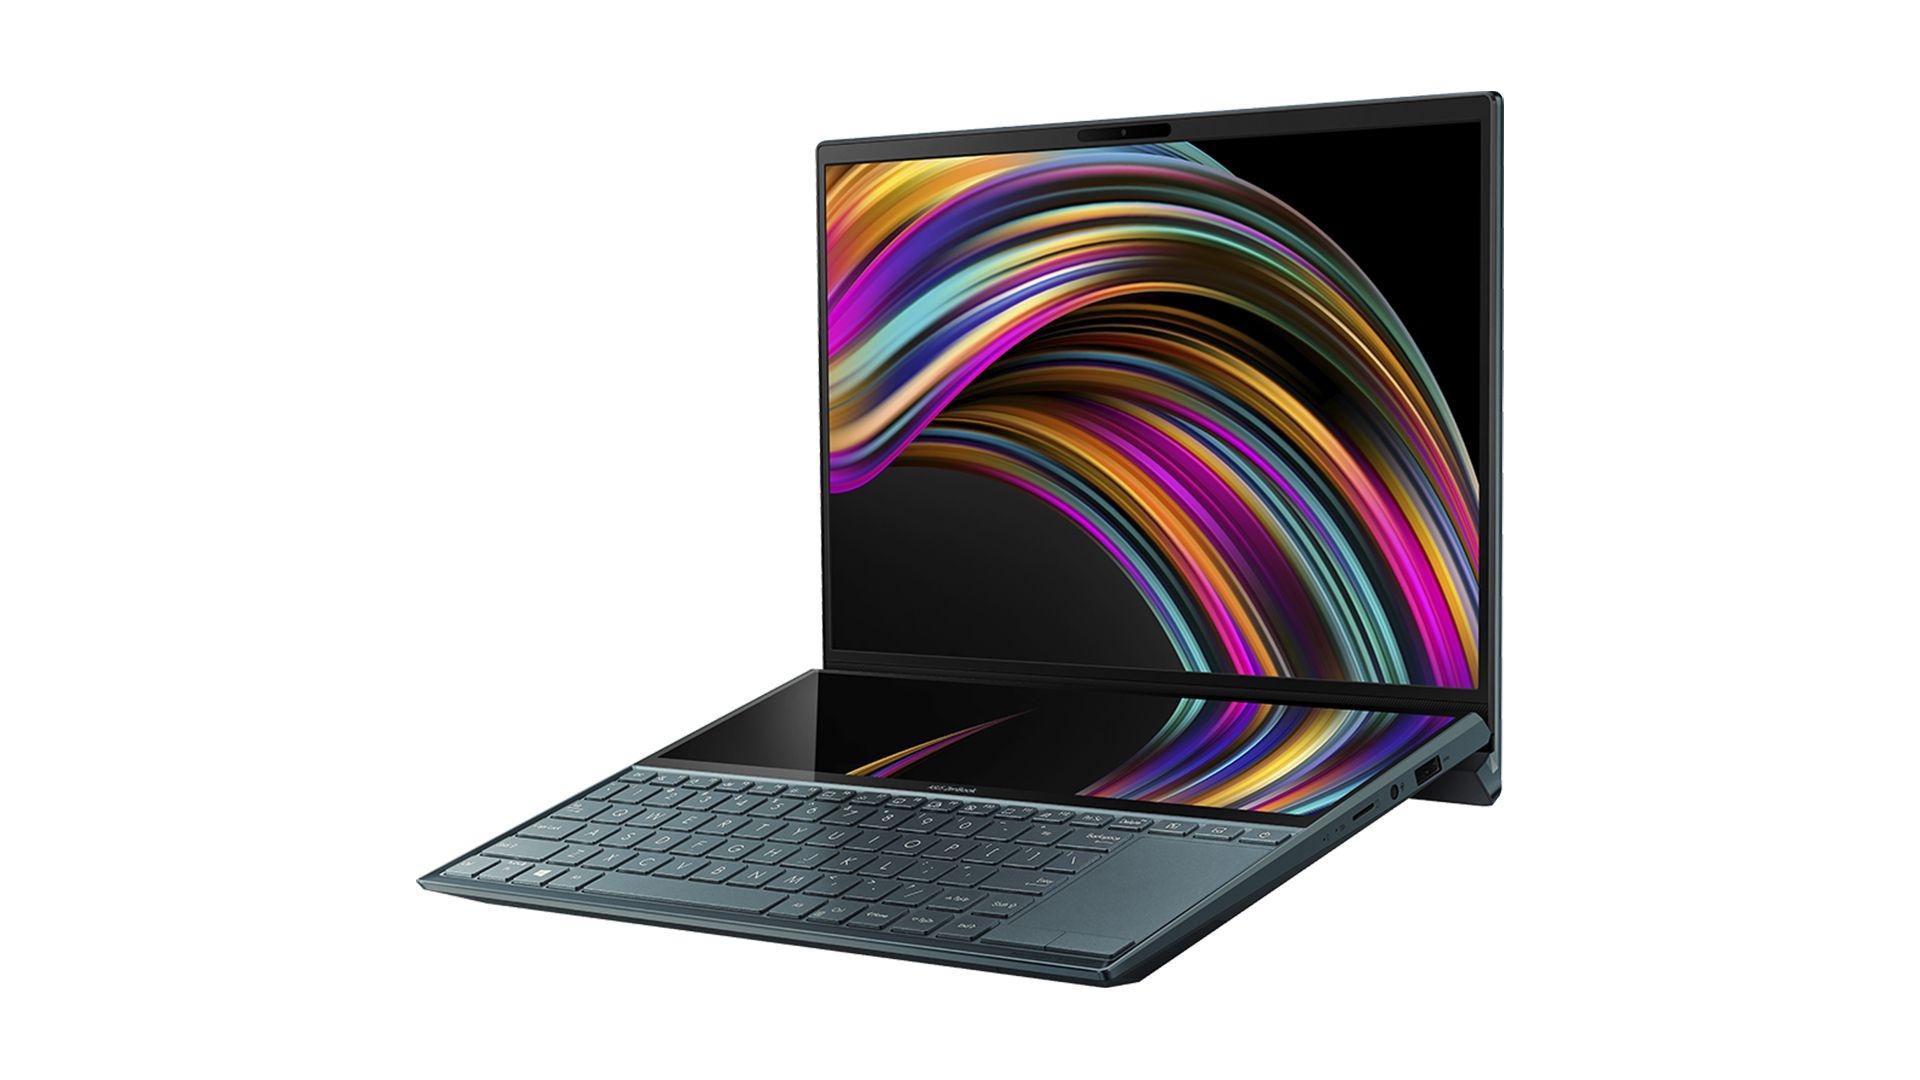 ZenBook Duo com ScreenPad Plus. (Foto: Divulgação/Asus)